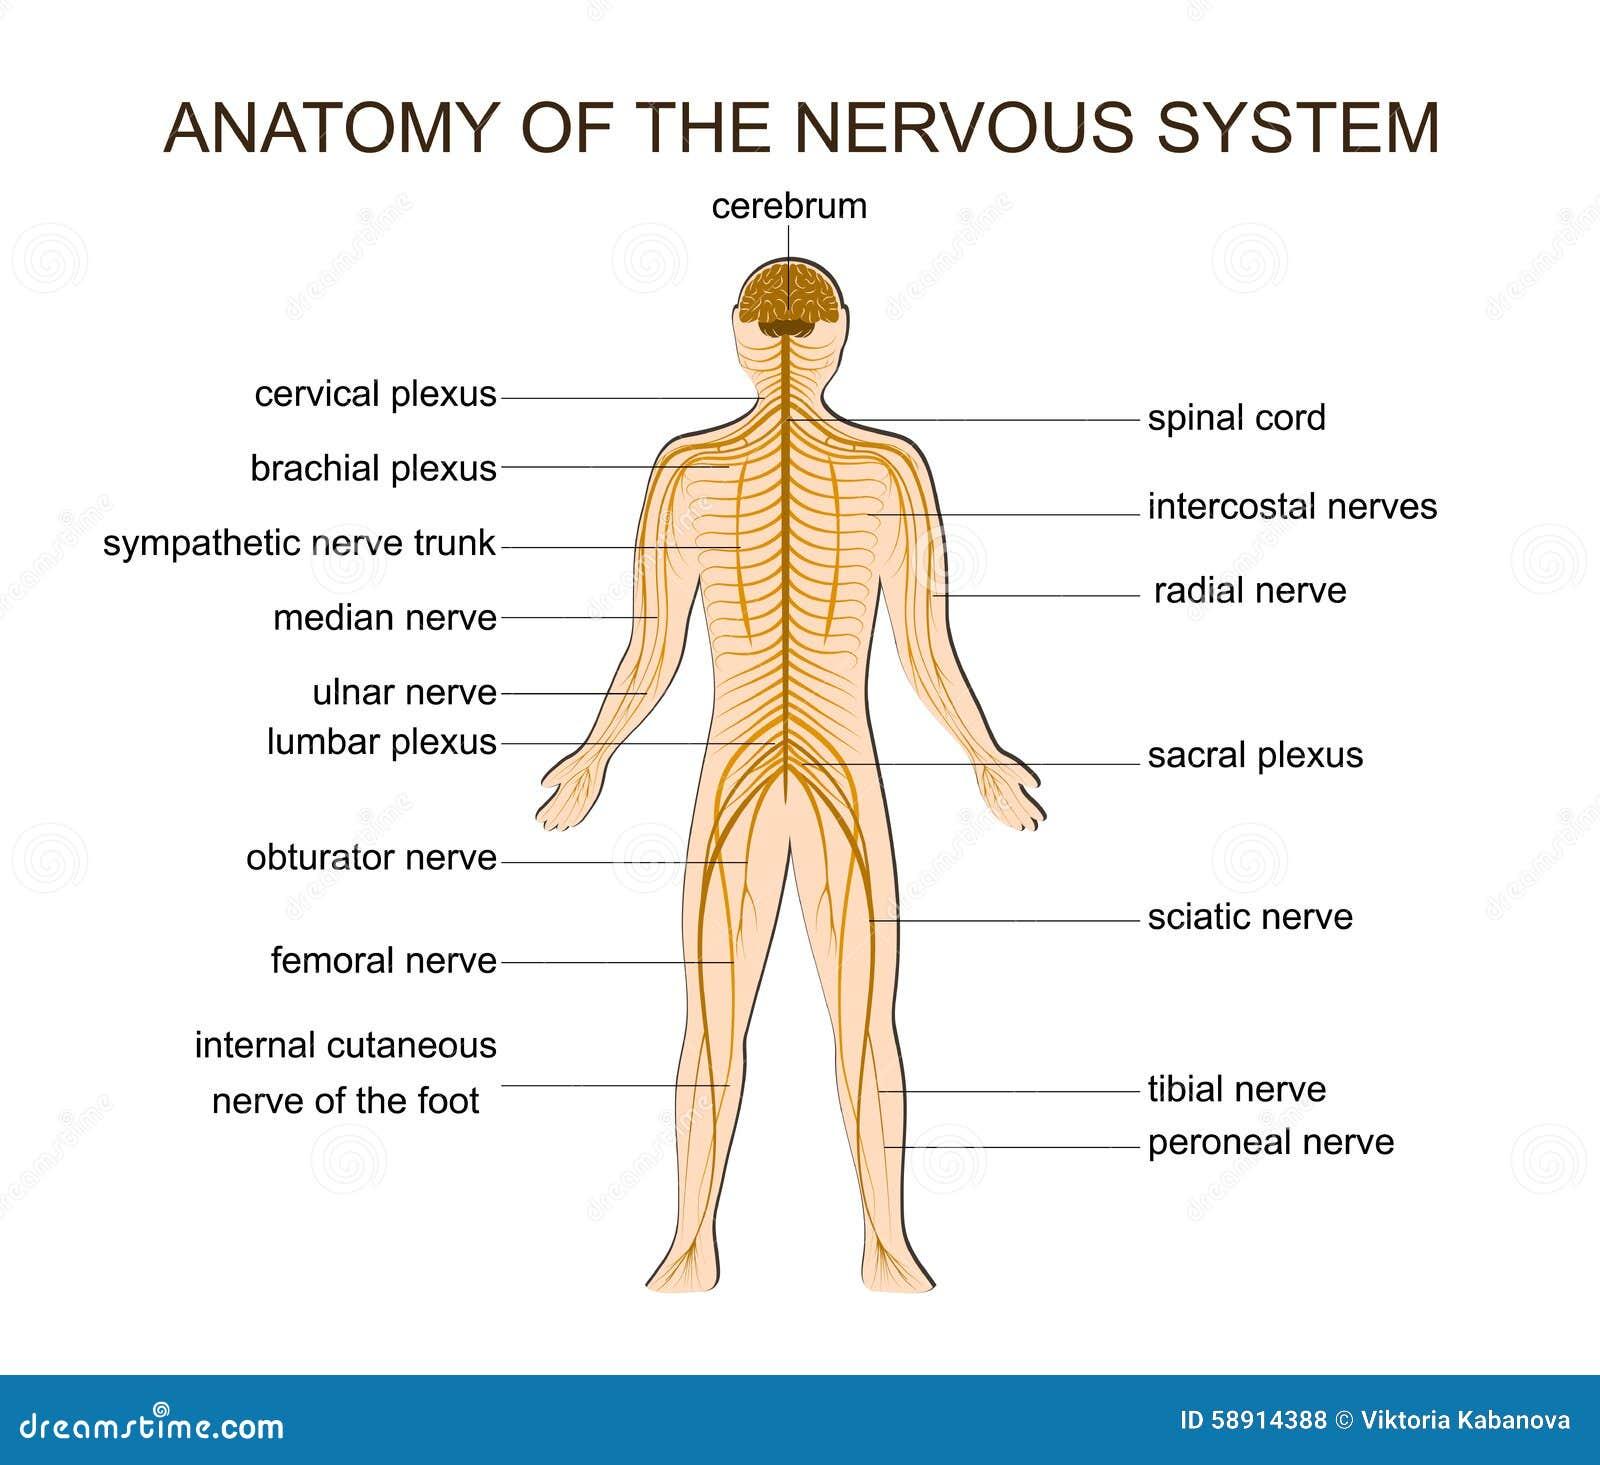 ANATOMIE DES NERVENSYSTEMS vektor abbildung. Illustration von ...